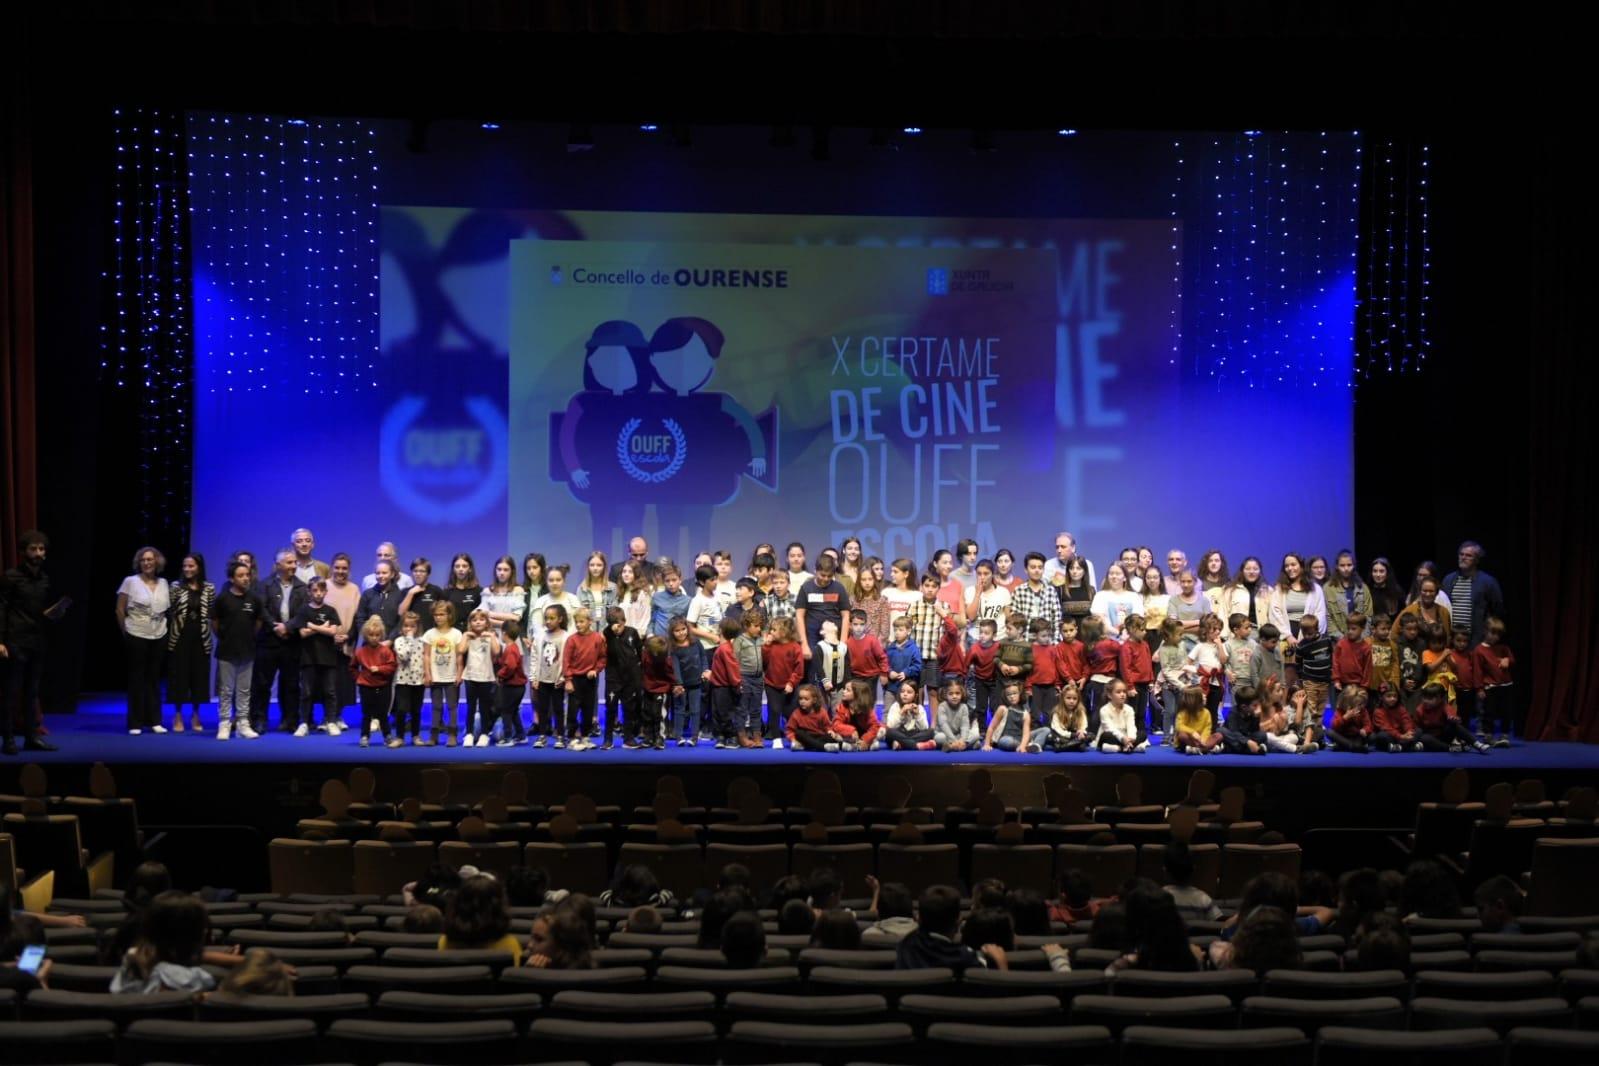 Gañadores da décima edición do OUFF Escola